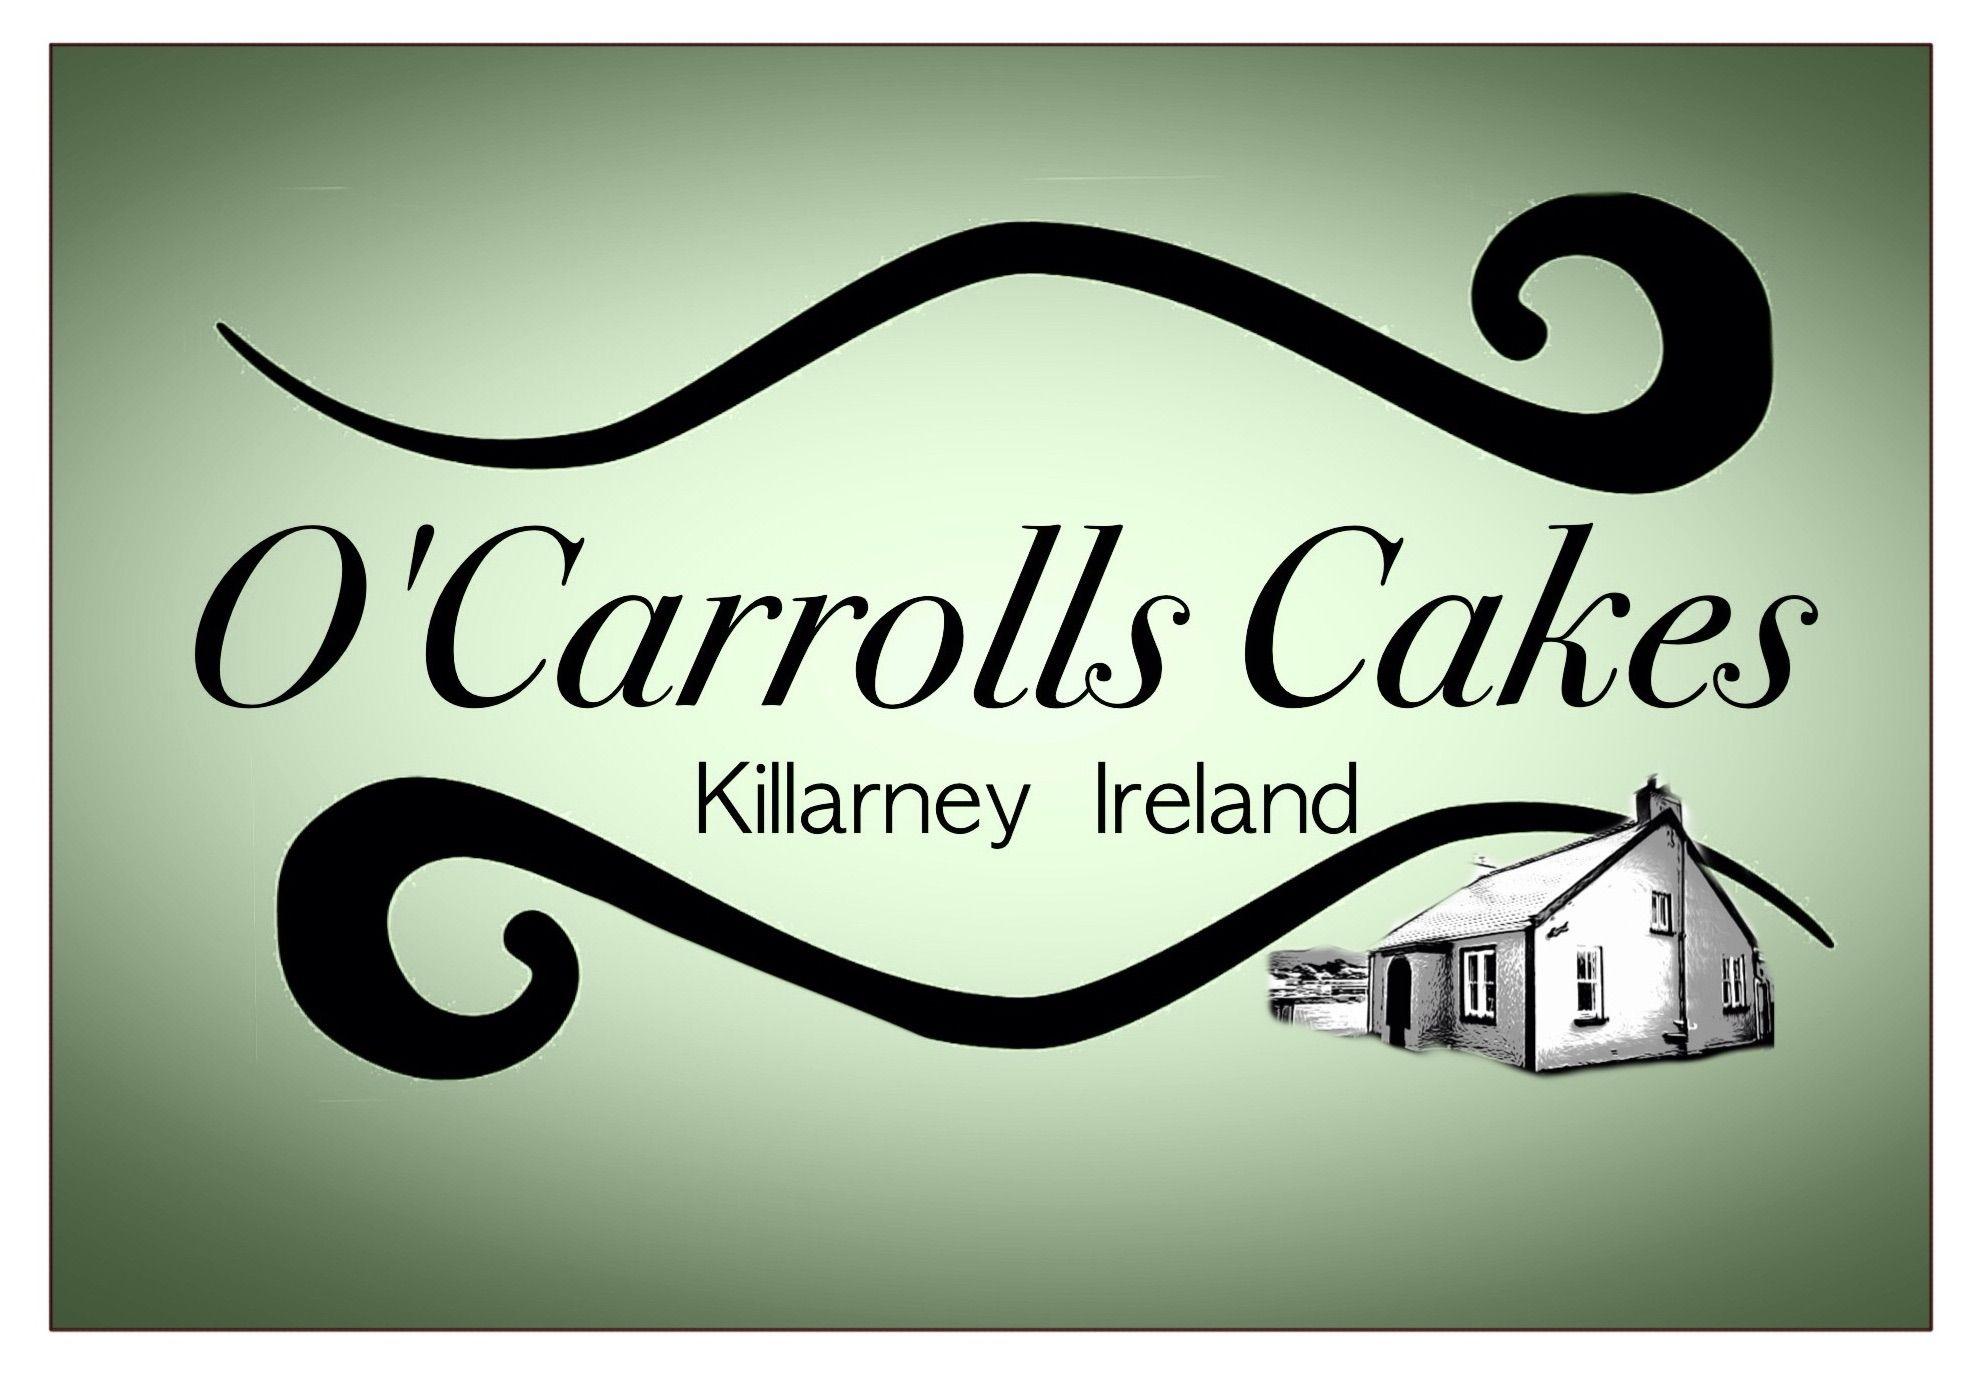 Ocarrolls Cakes Killarney Ireland Our New Kitchen On Muckross